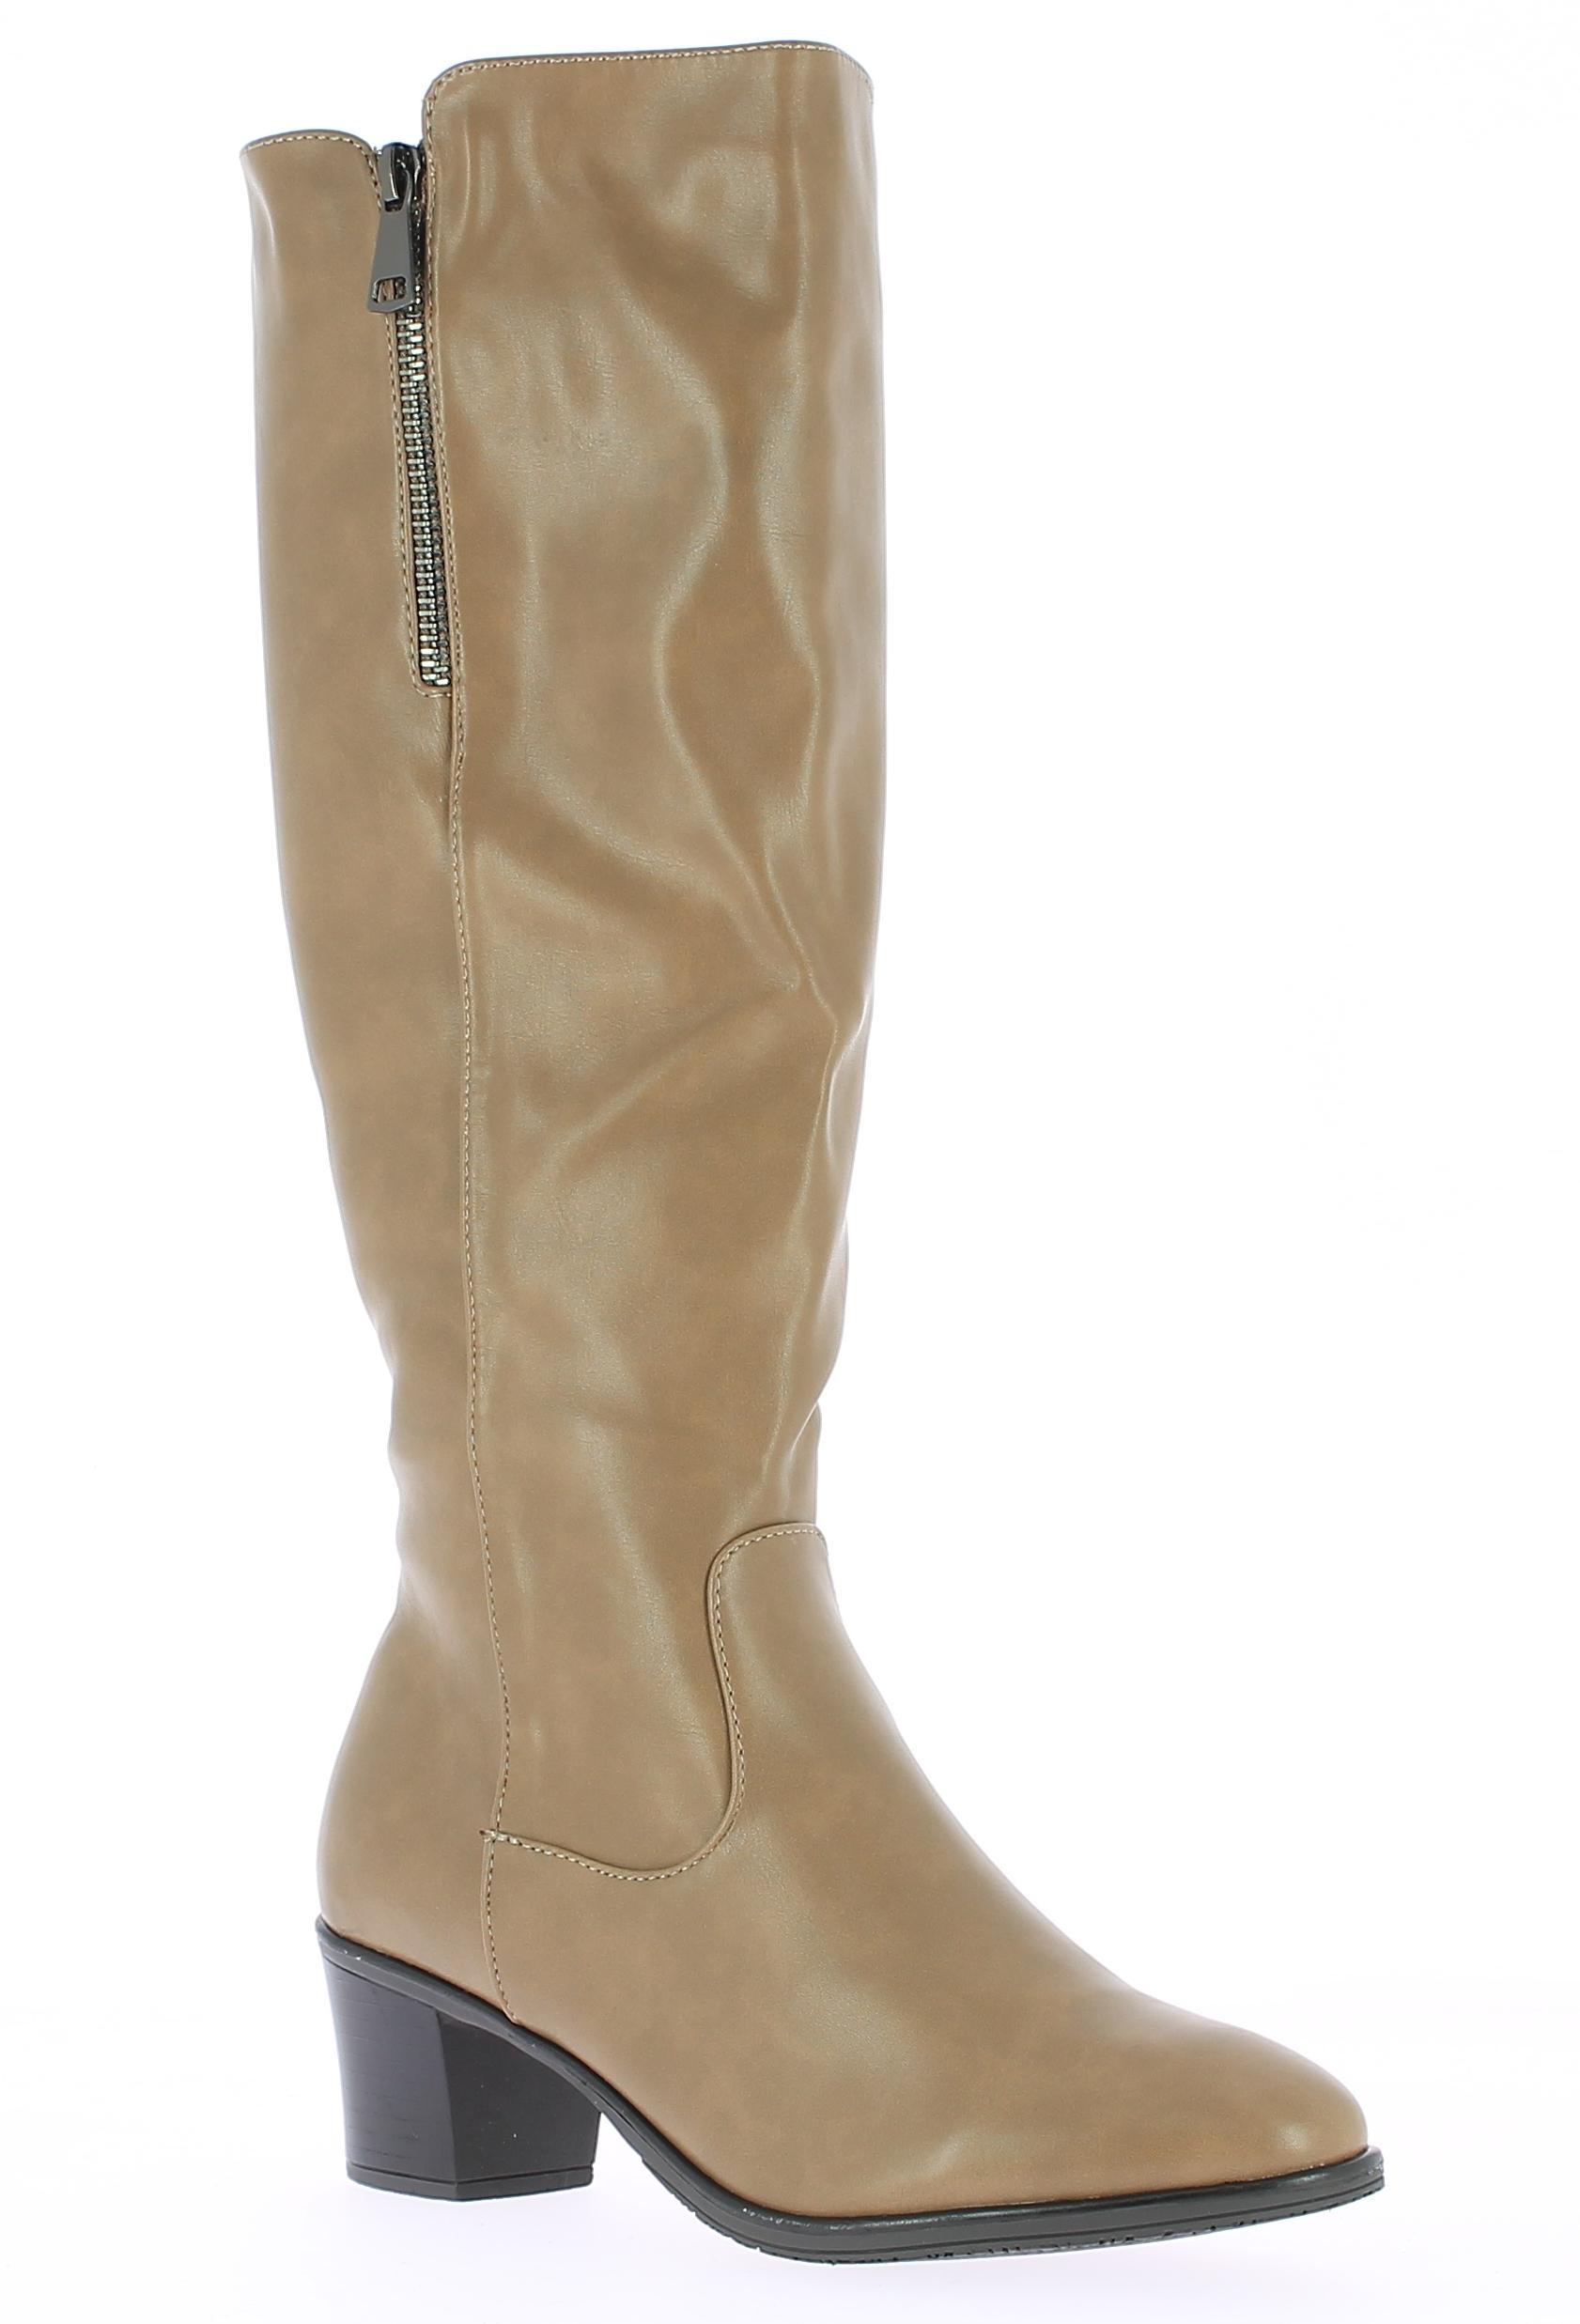 IQSHOES Γυναικεία Μπότα HX55 Μπεζ - IqShoes - HX-55 KHAKI-beige-37/1/7/27 παπούτσια  γυναικεία μποτάκια